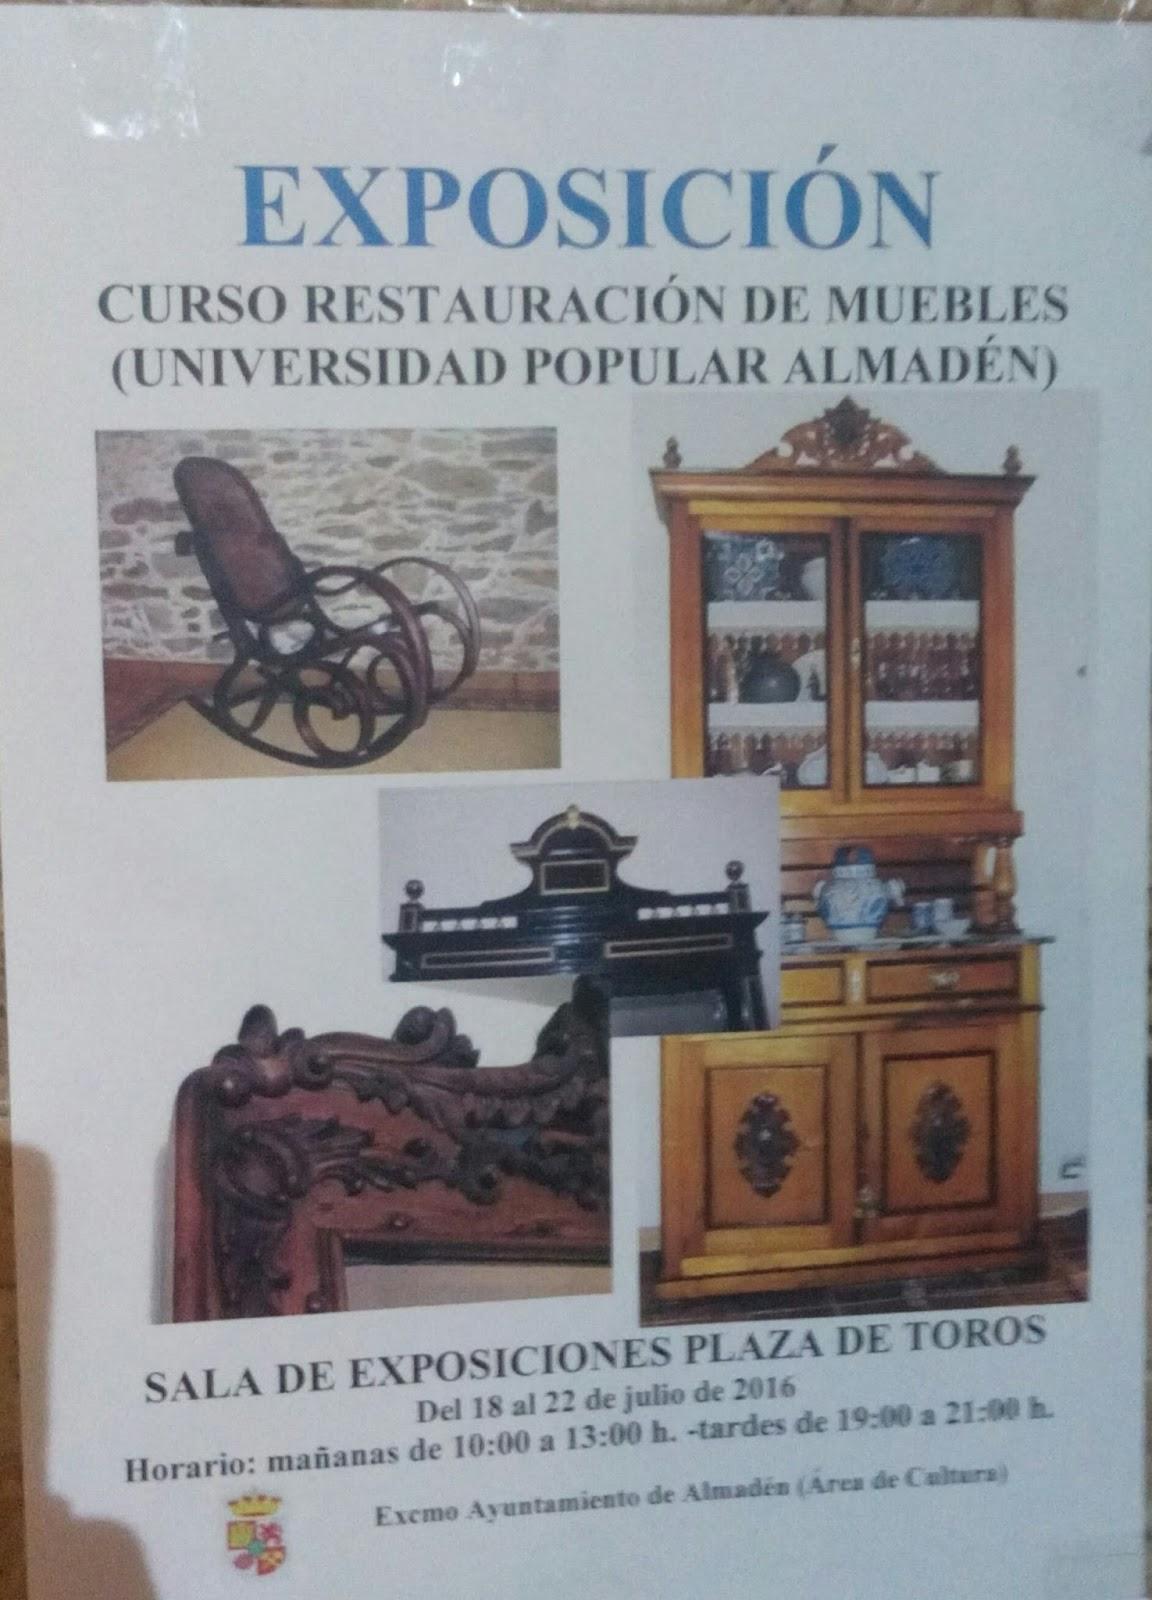 Cursos Restauracion Muebles : Exposición del curso de restauración muebles la uu